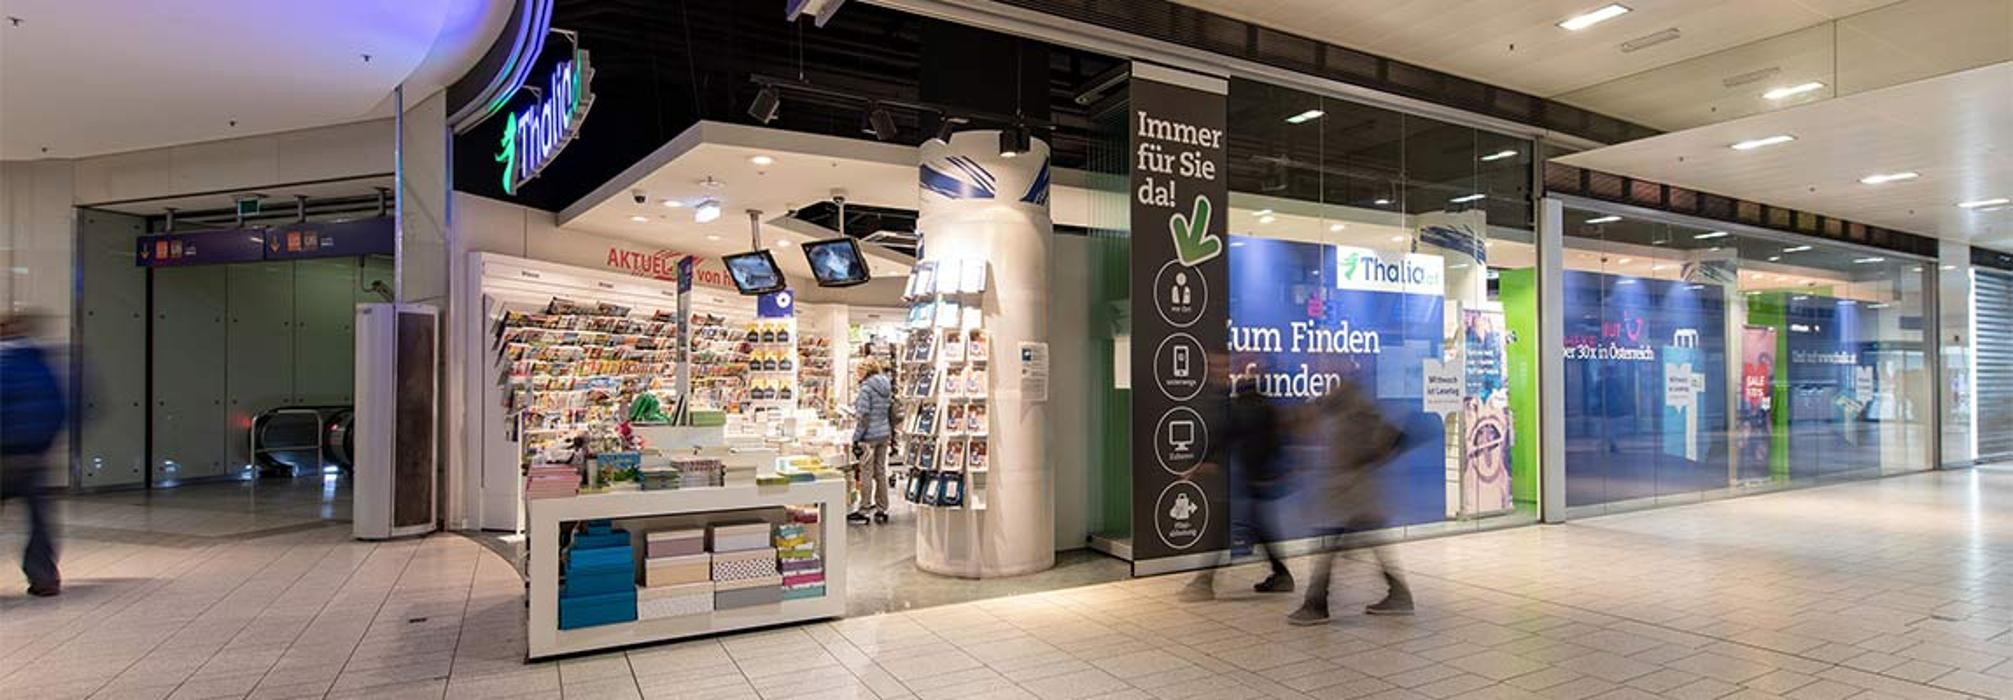 Thalia Wien Westbahnhof Wien Europaplatz 1 öffnungszeiten